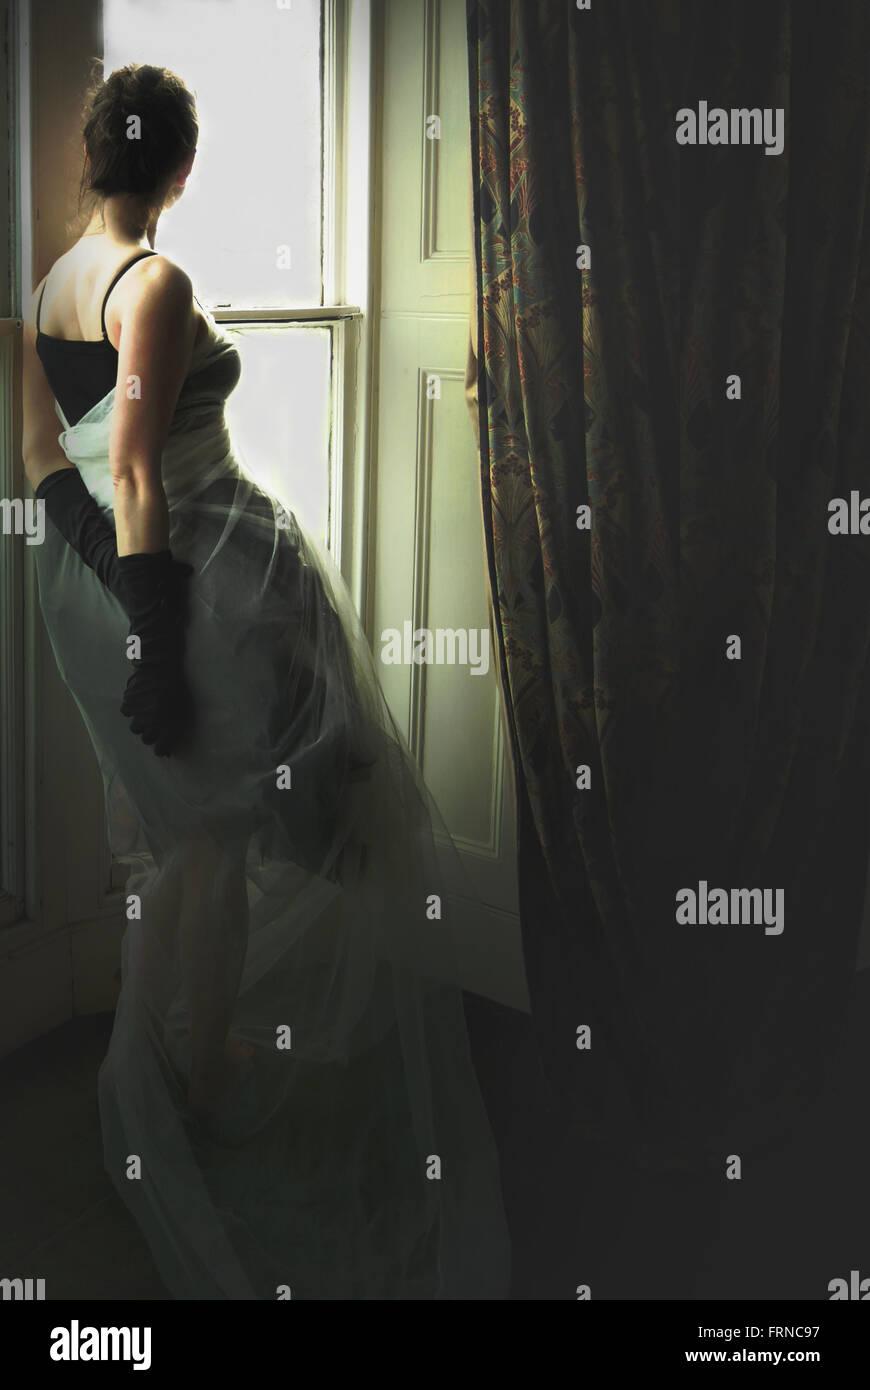 junge elegante Frau am Fenster im Altbau Stockfoto